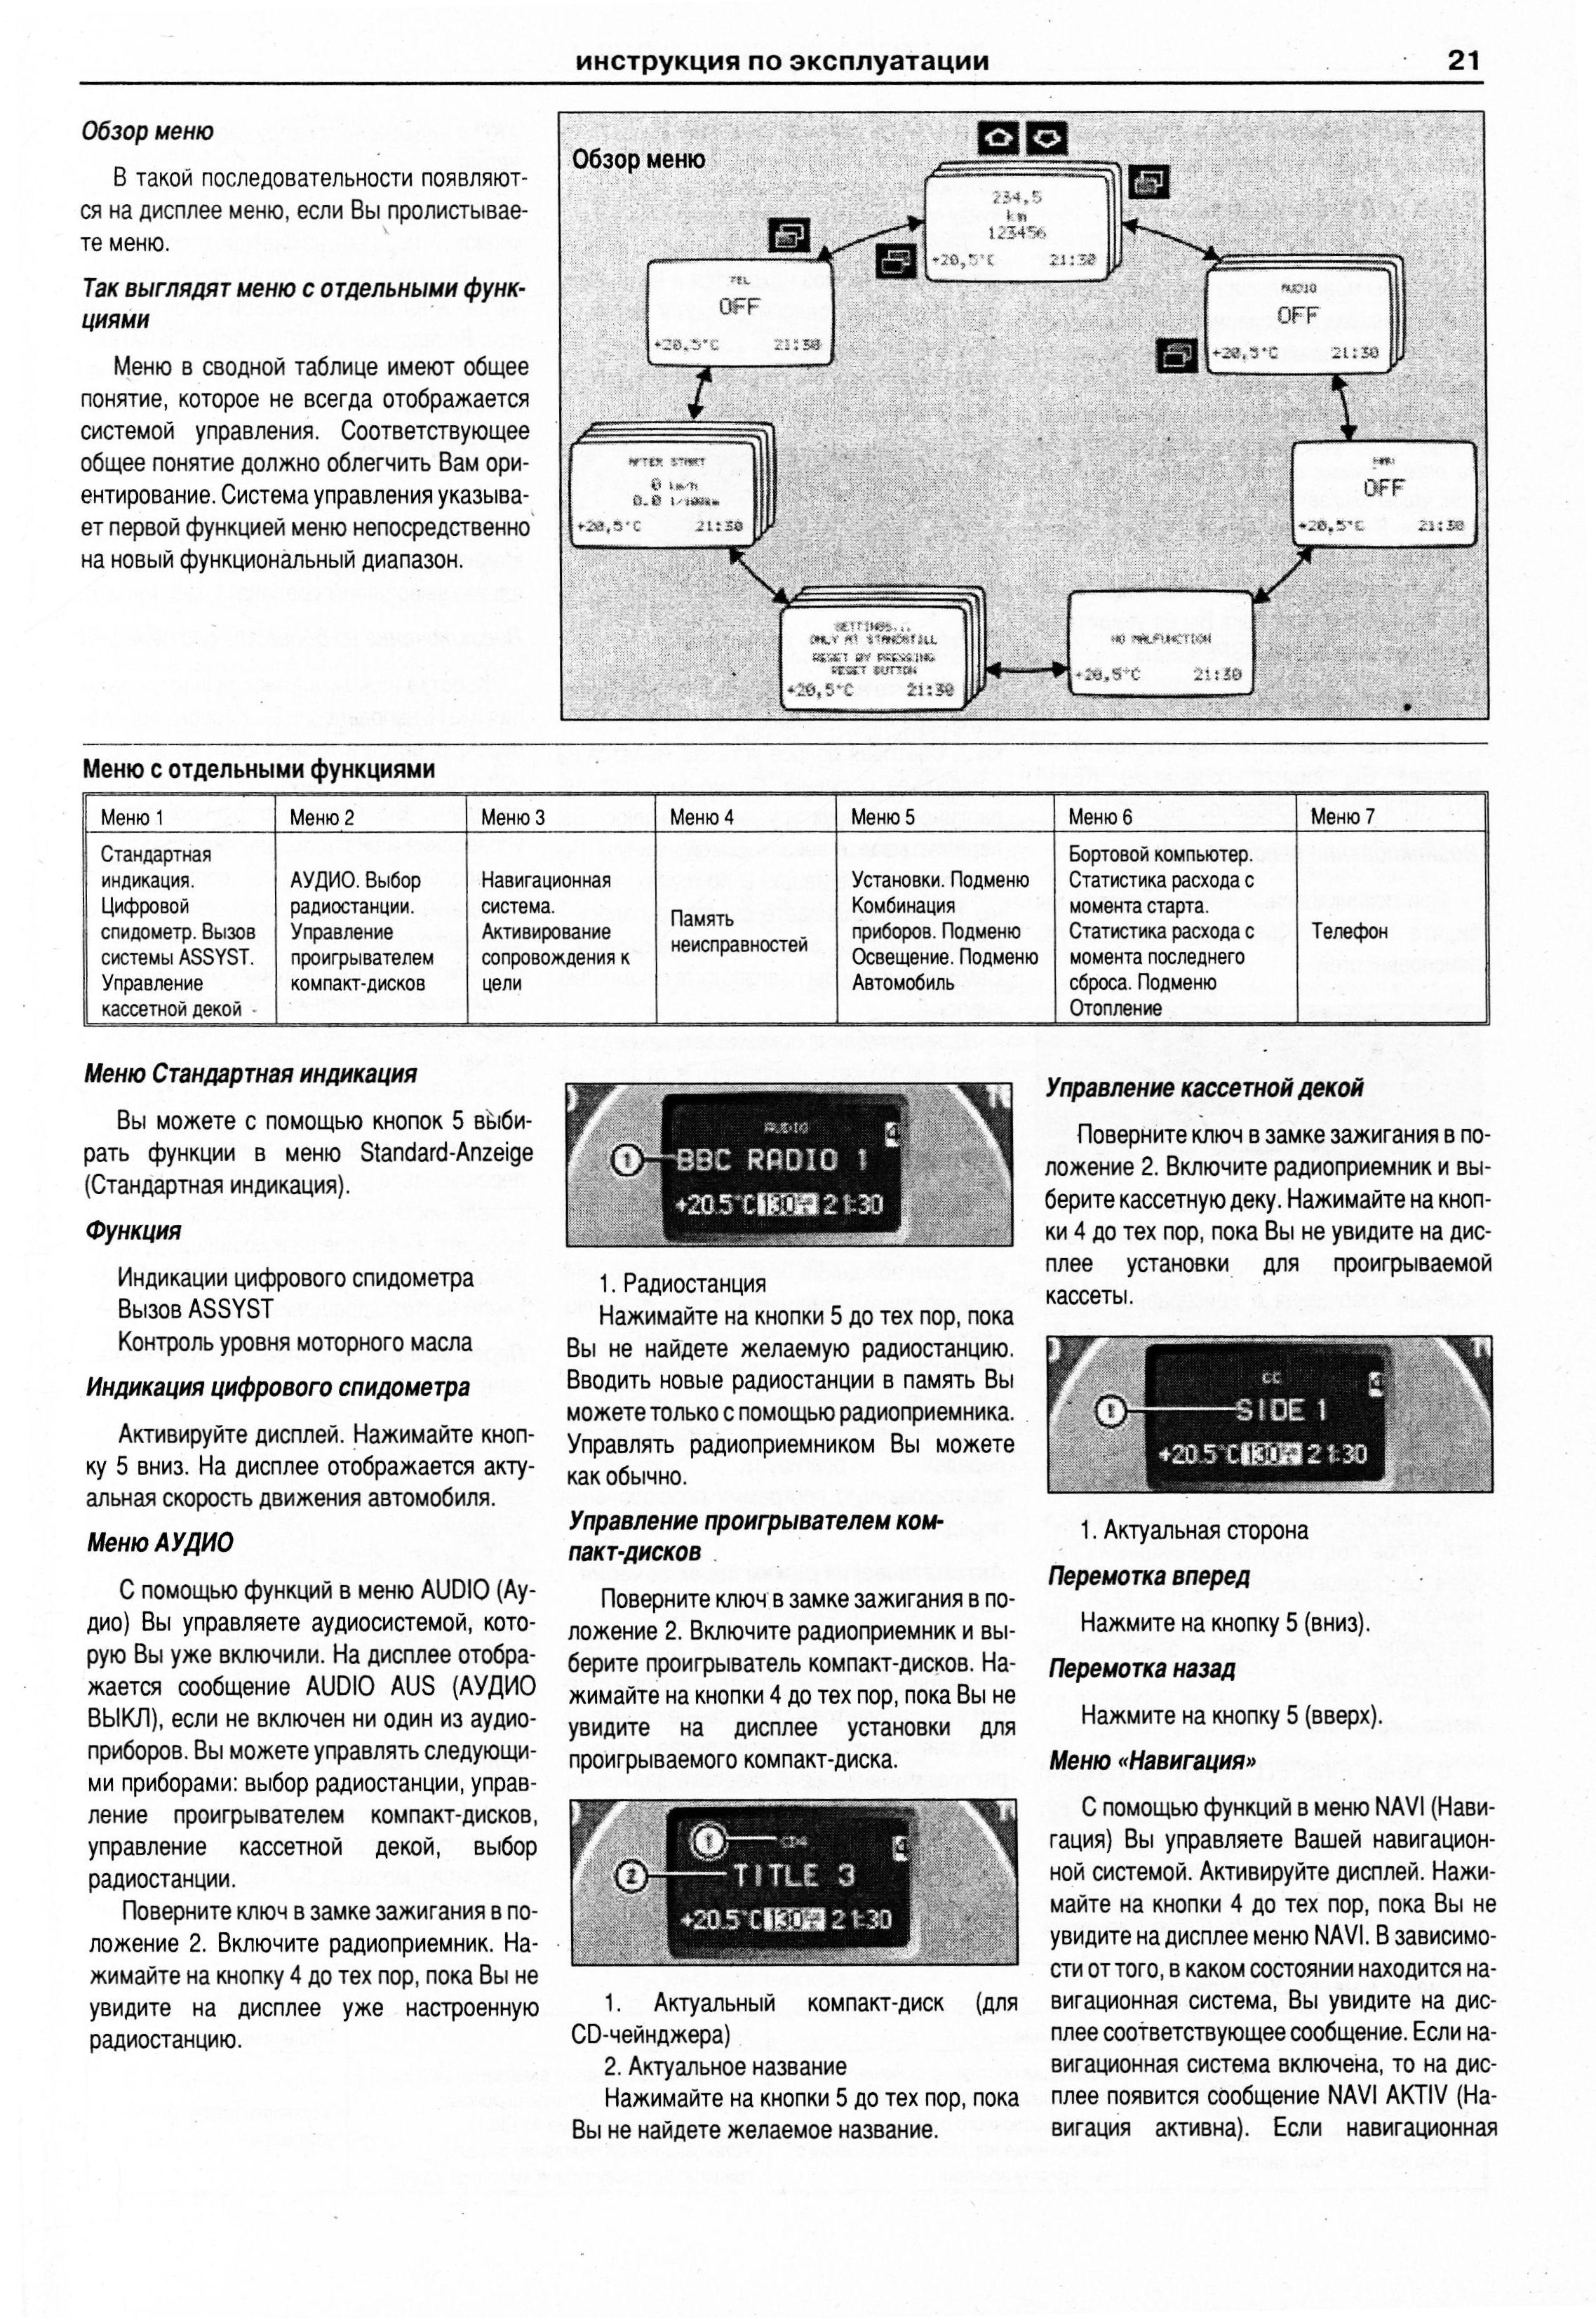 инструкция по эксплуатации мерседес 639 вито